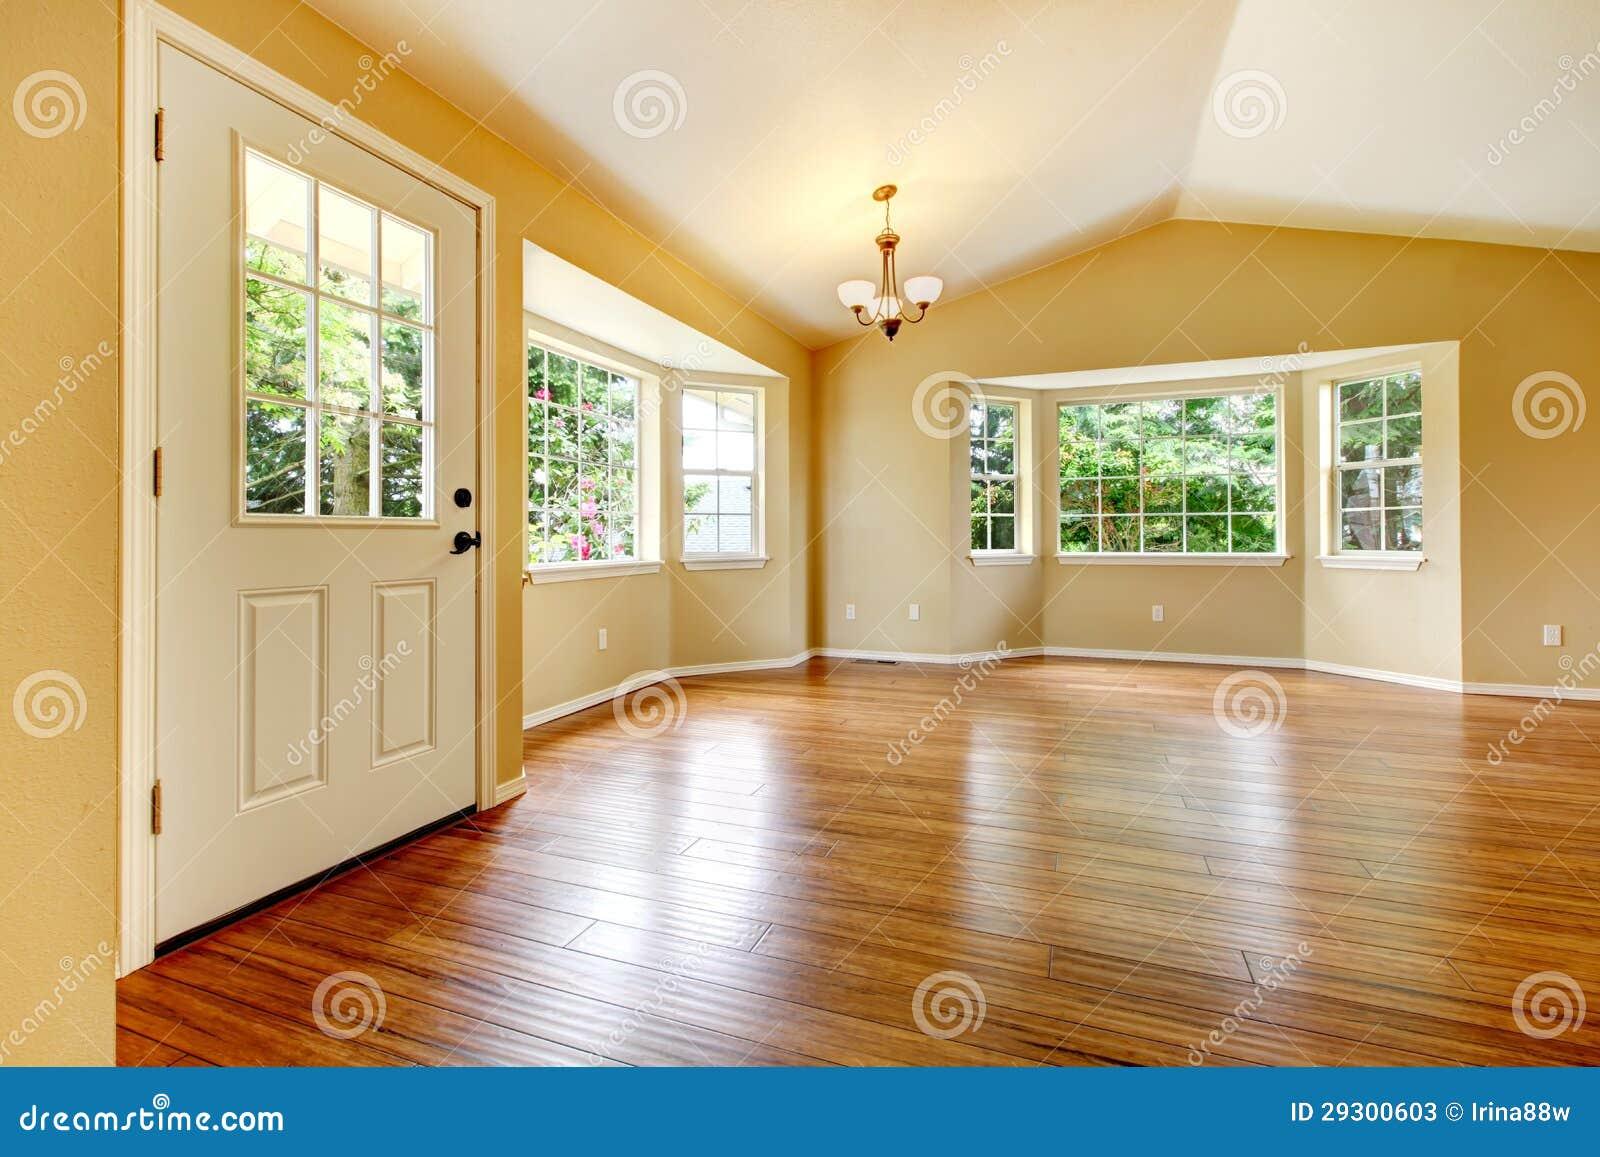 Grande vacie la sala de estar nuevamente remodelada con el suelo de madera.